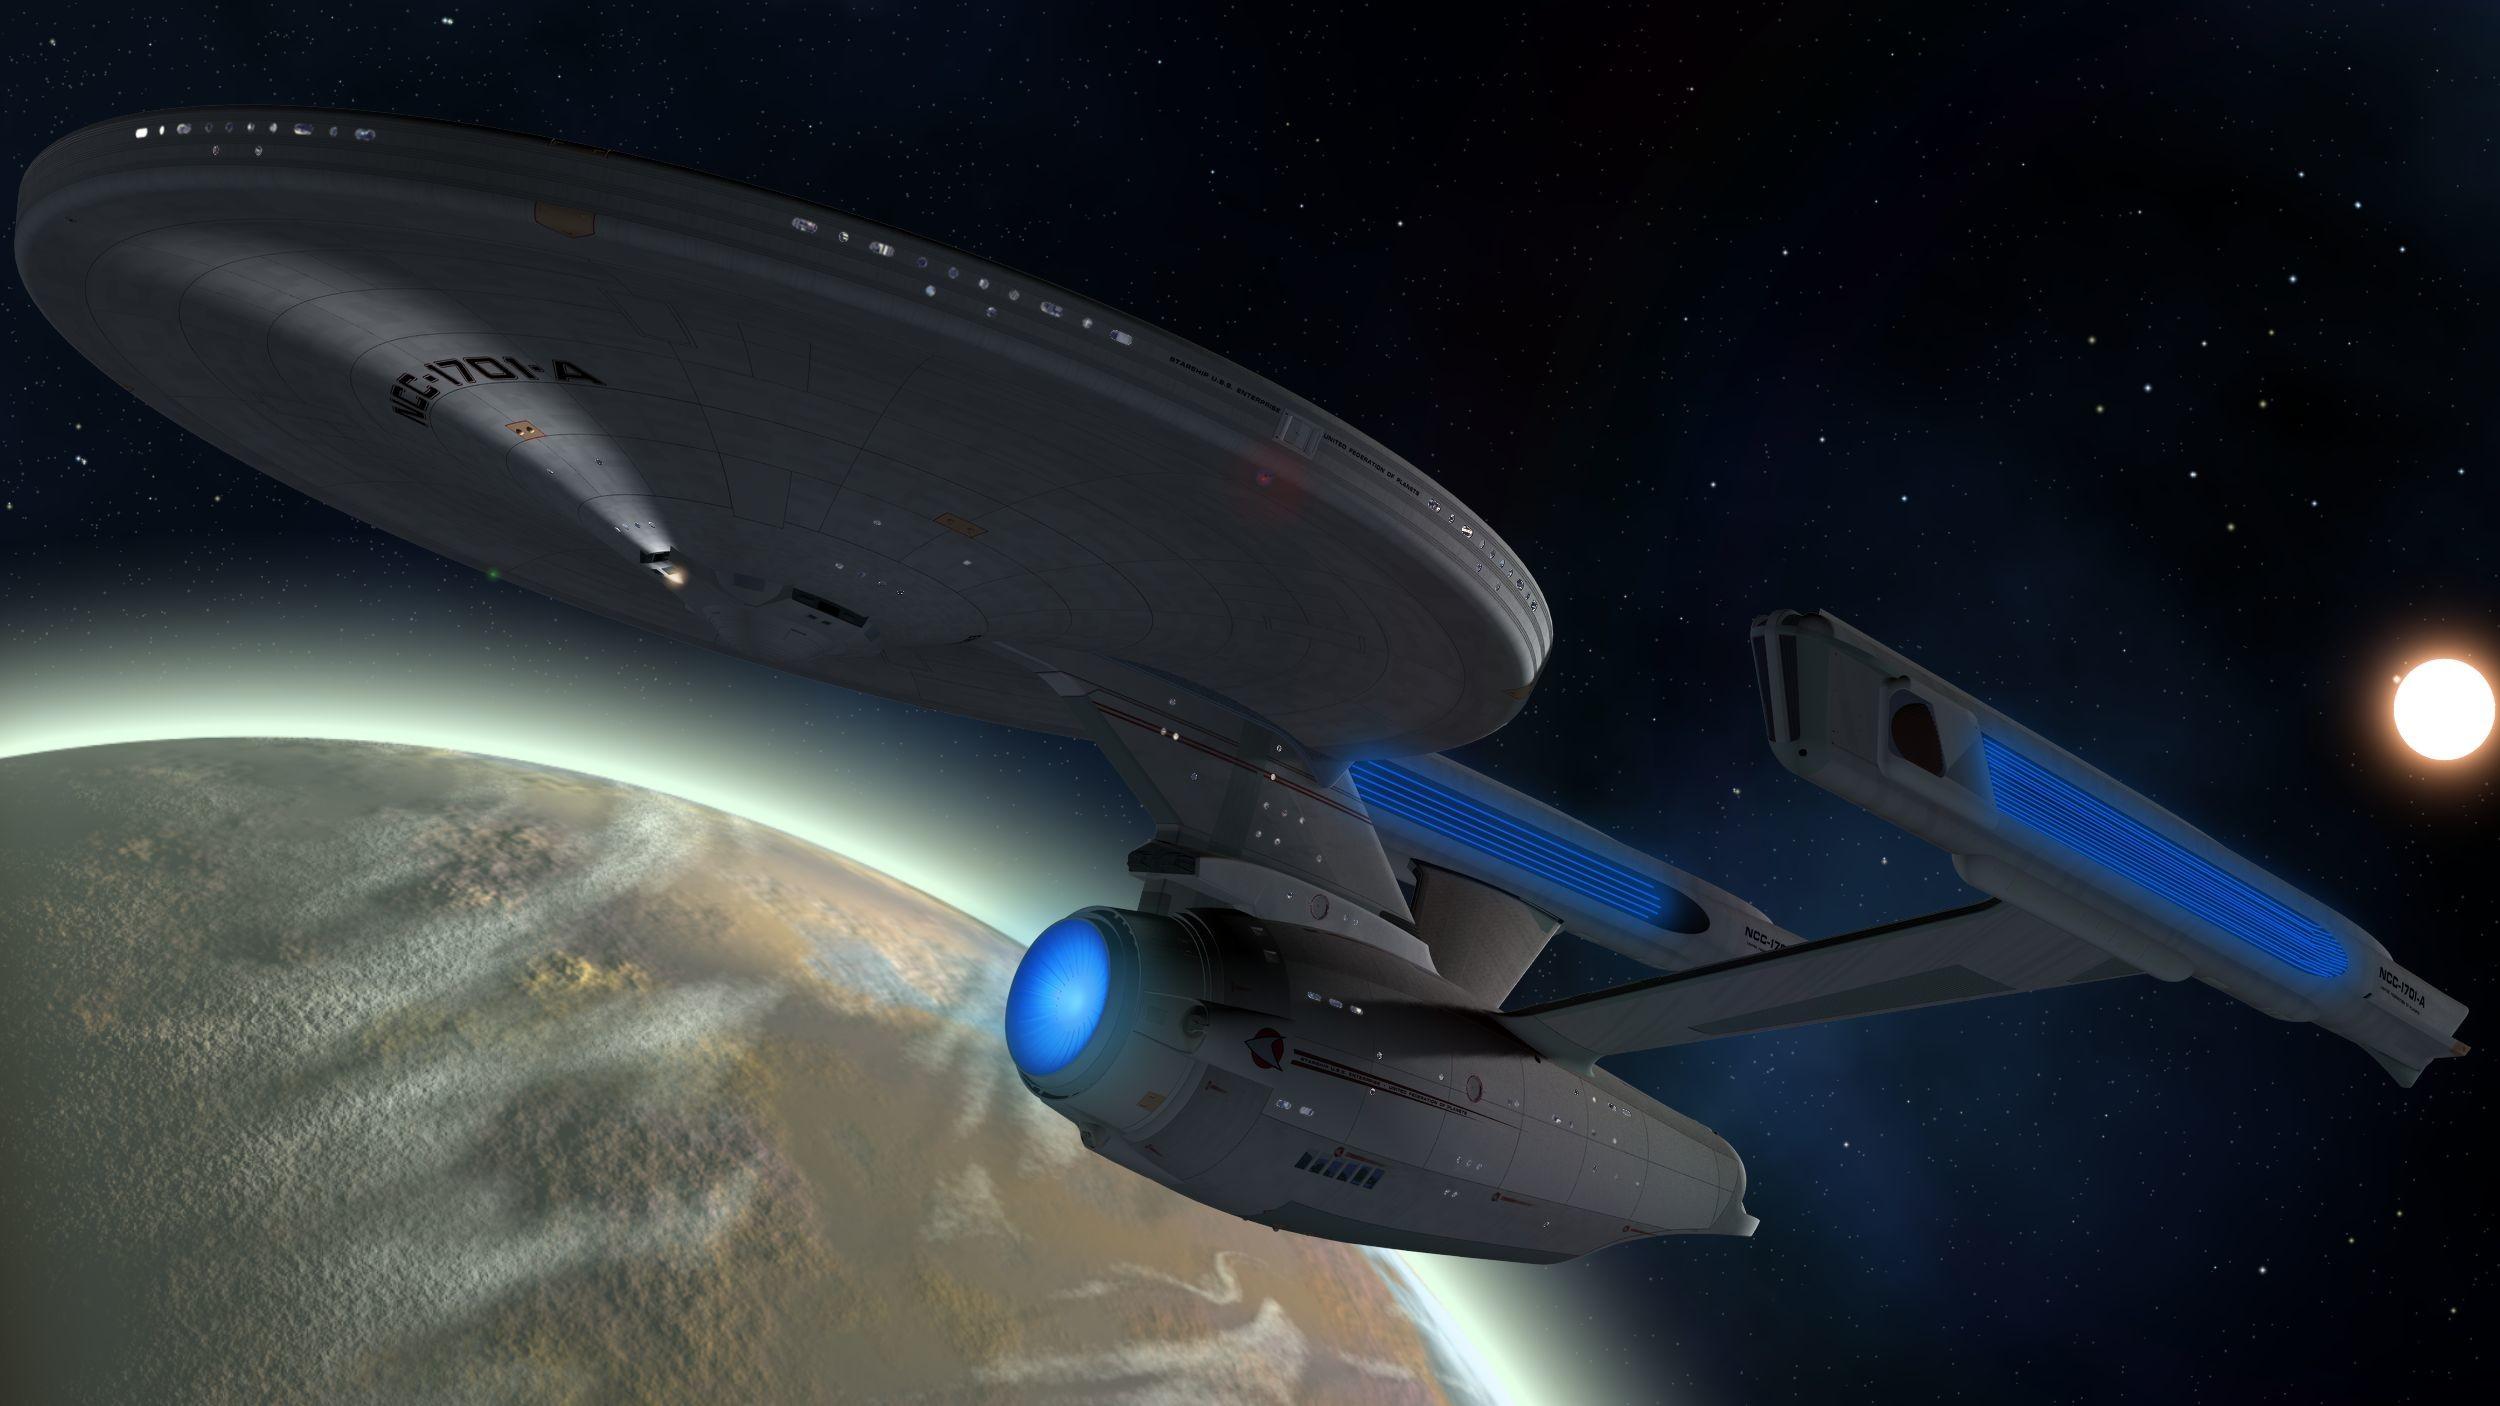 TV Show – Star Trek: The Original Series Star Trek Enterprise (Star Trek)